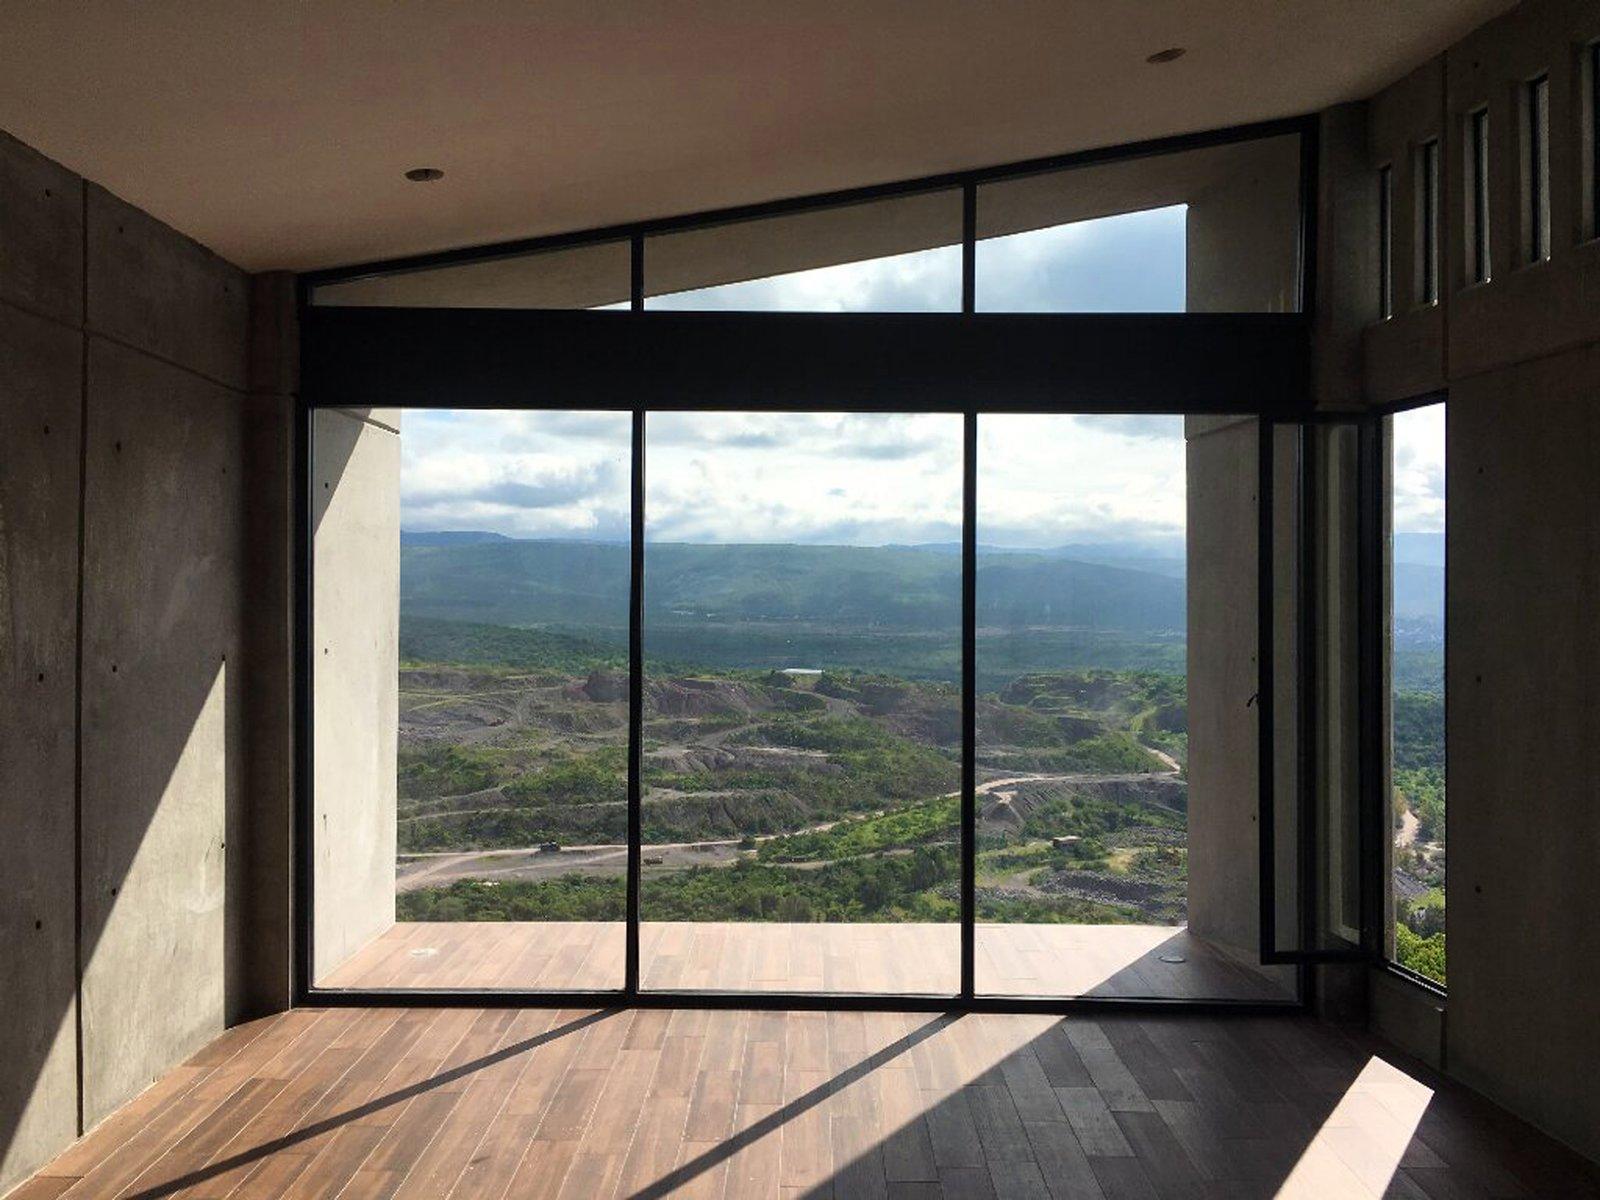 Bedroom, Medium Hardwood Floor, Concrete Floor, and Porcelain Tile Floor Main Bedroom  Casa AB by e|arquitectos